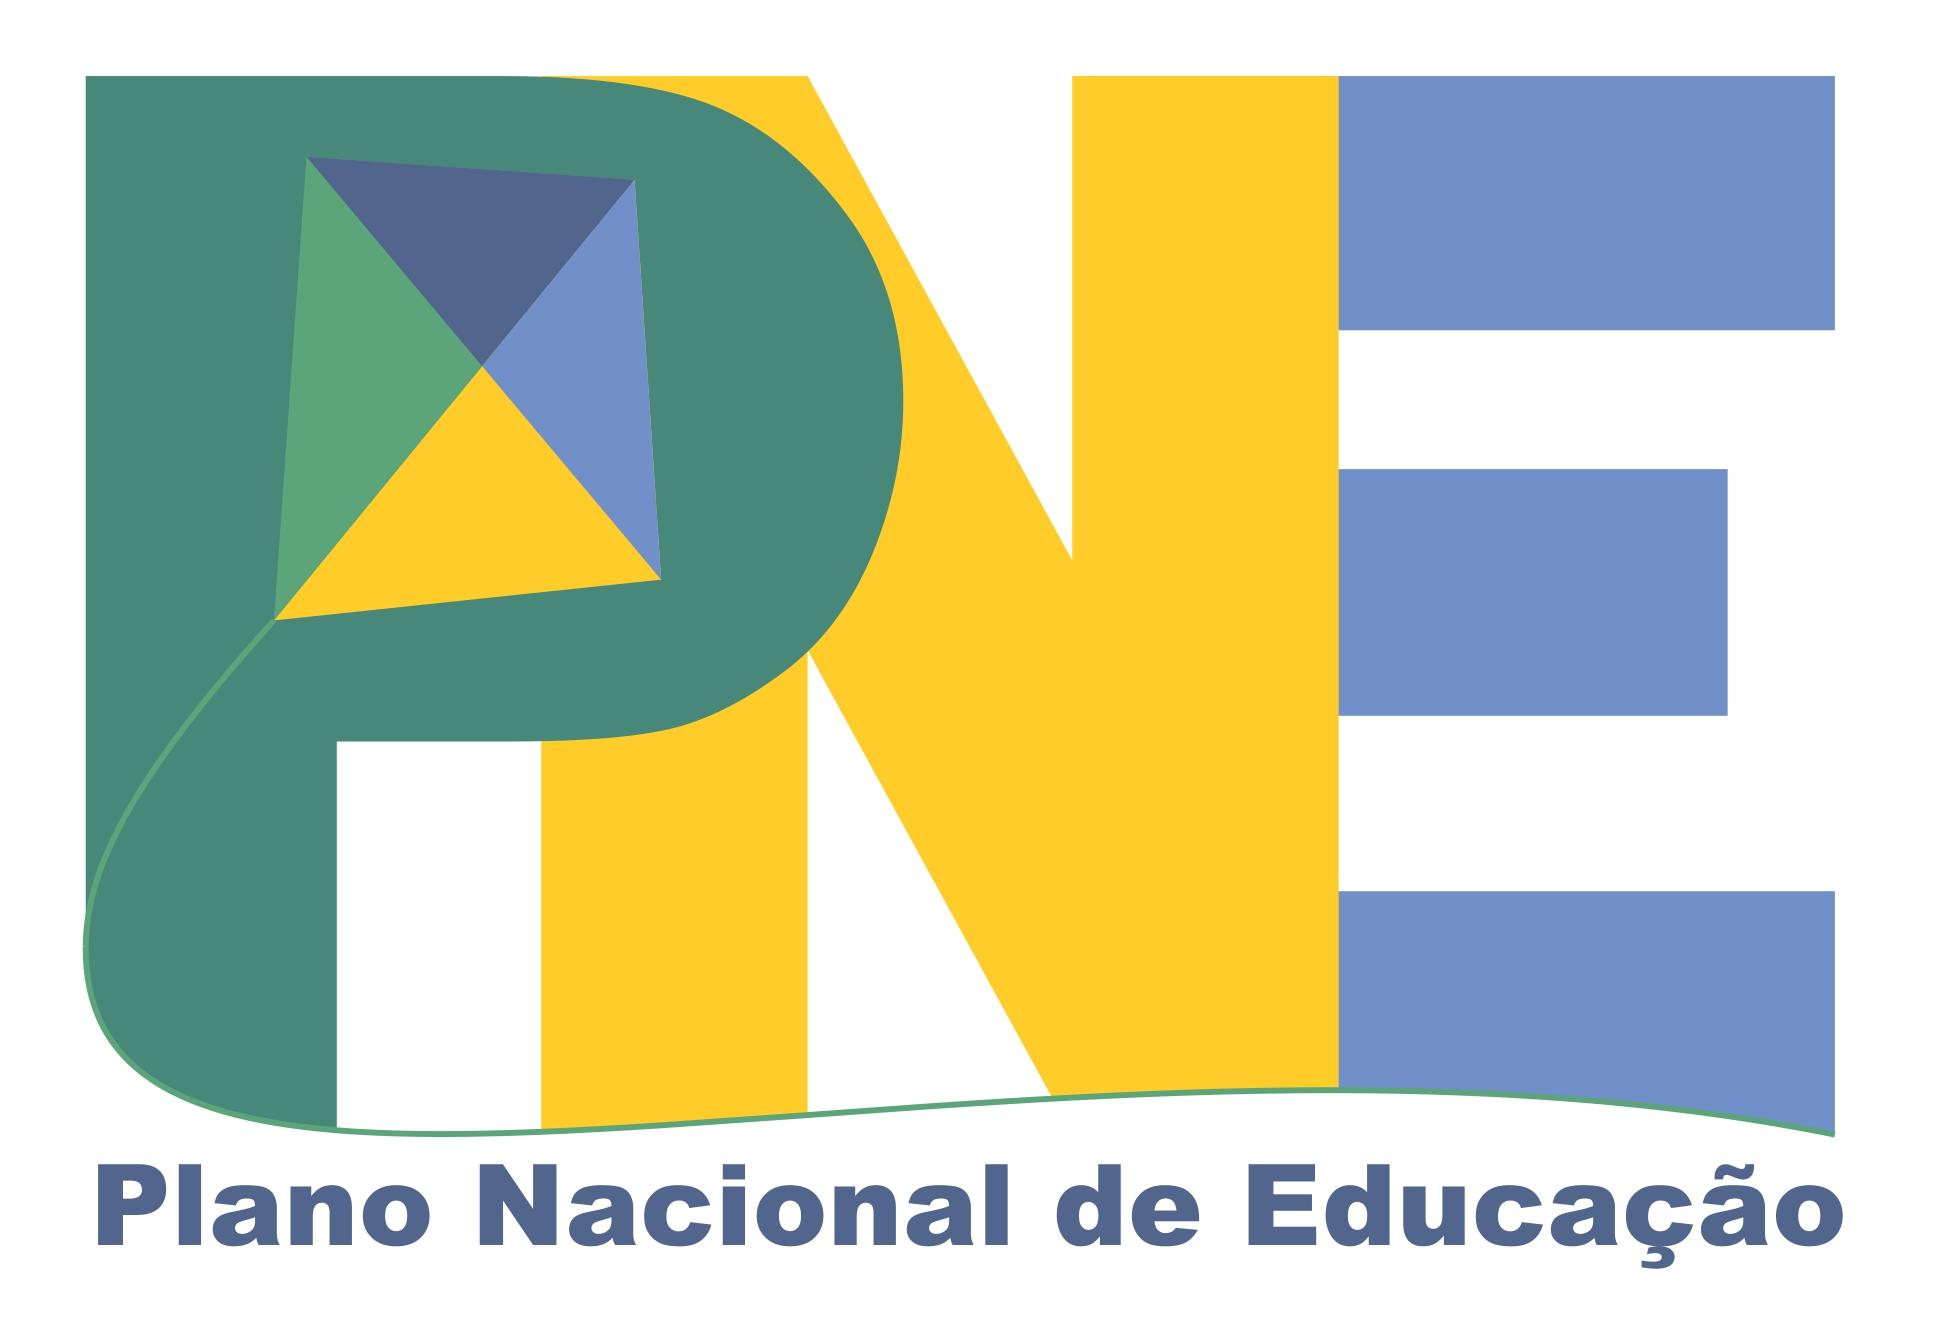 Rio descumpre prazo do plano de educação